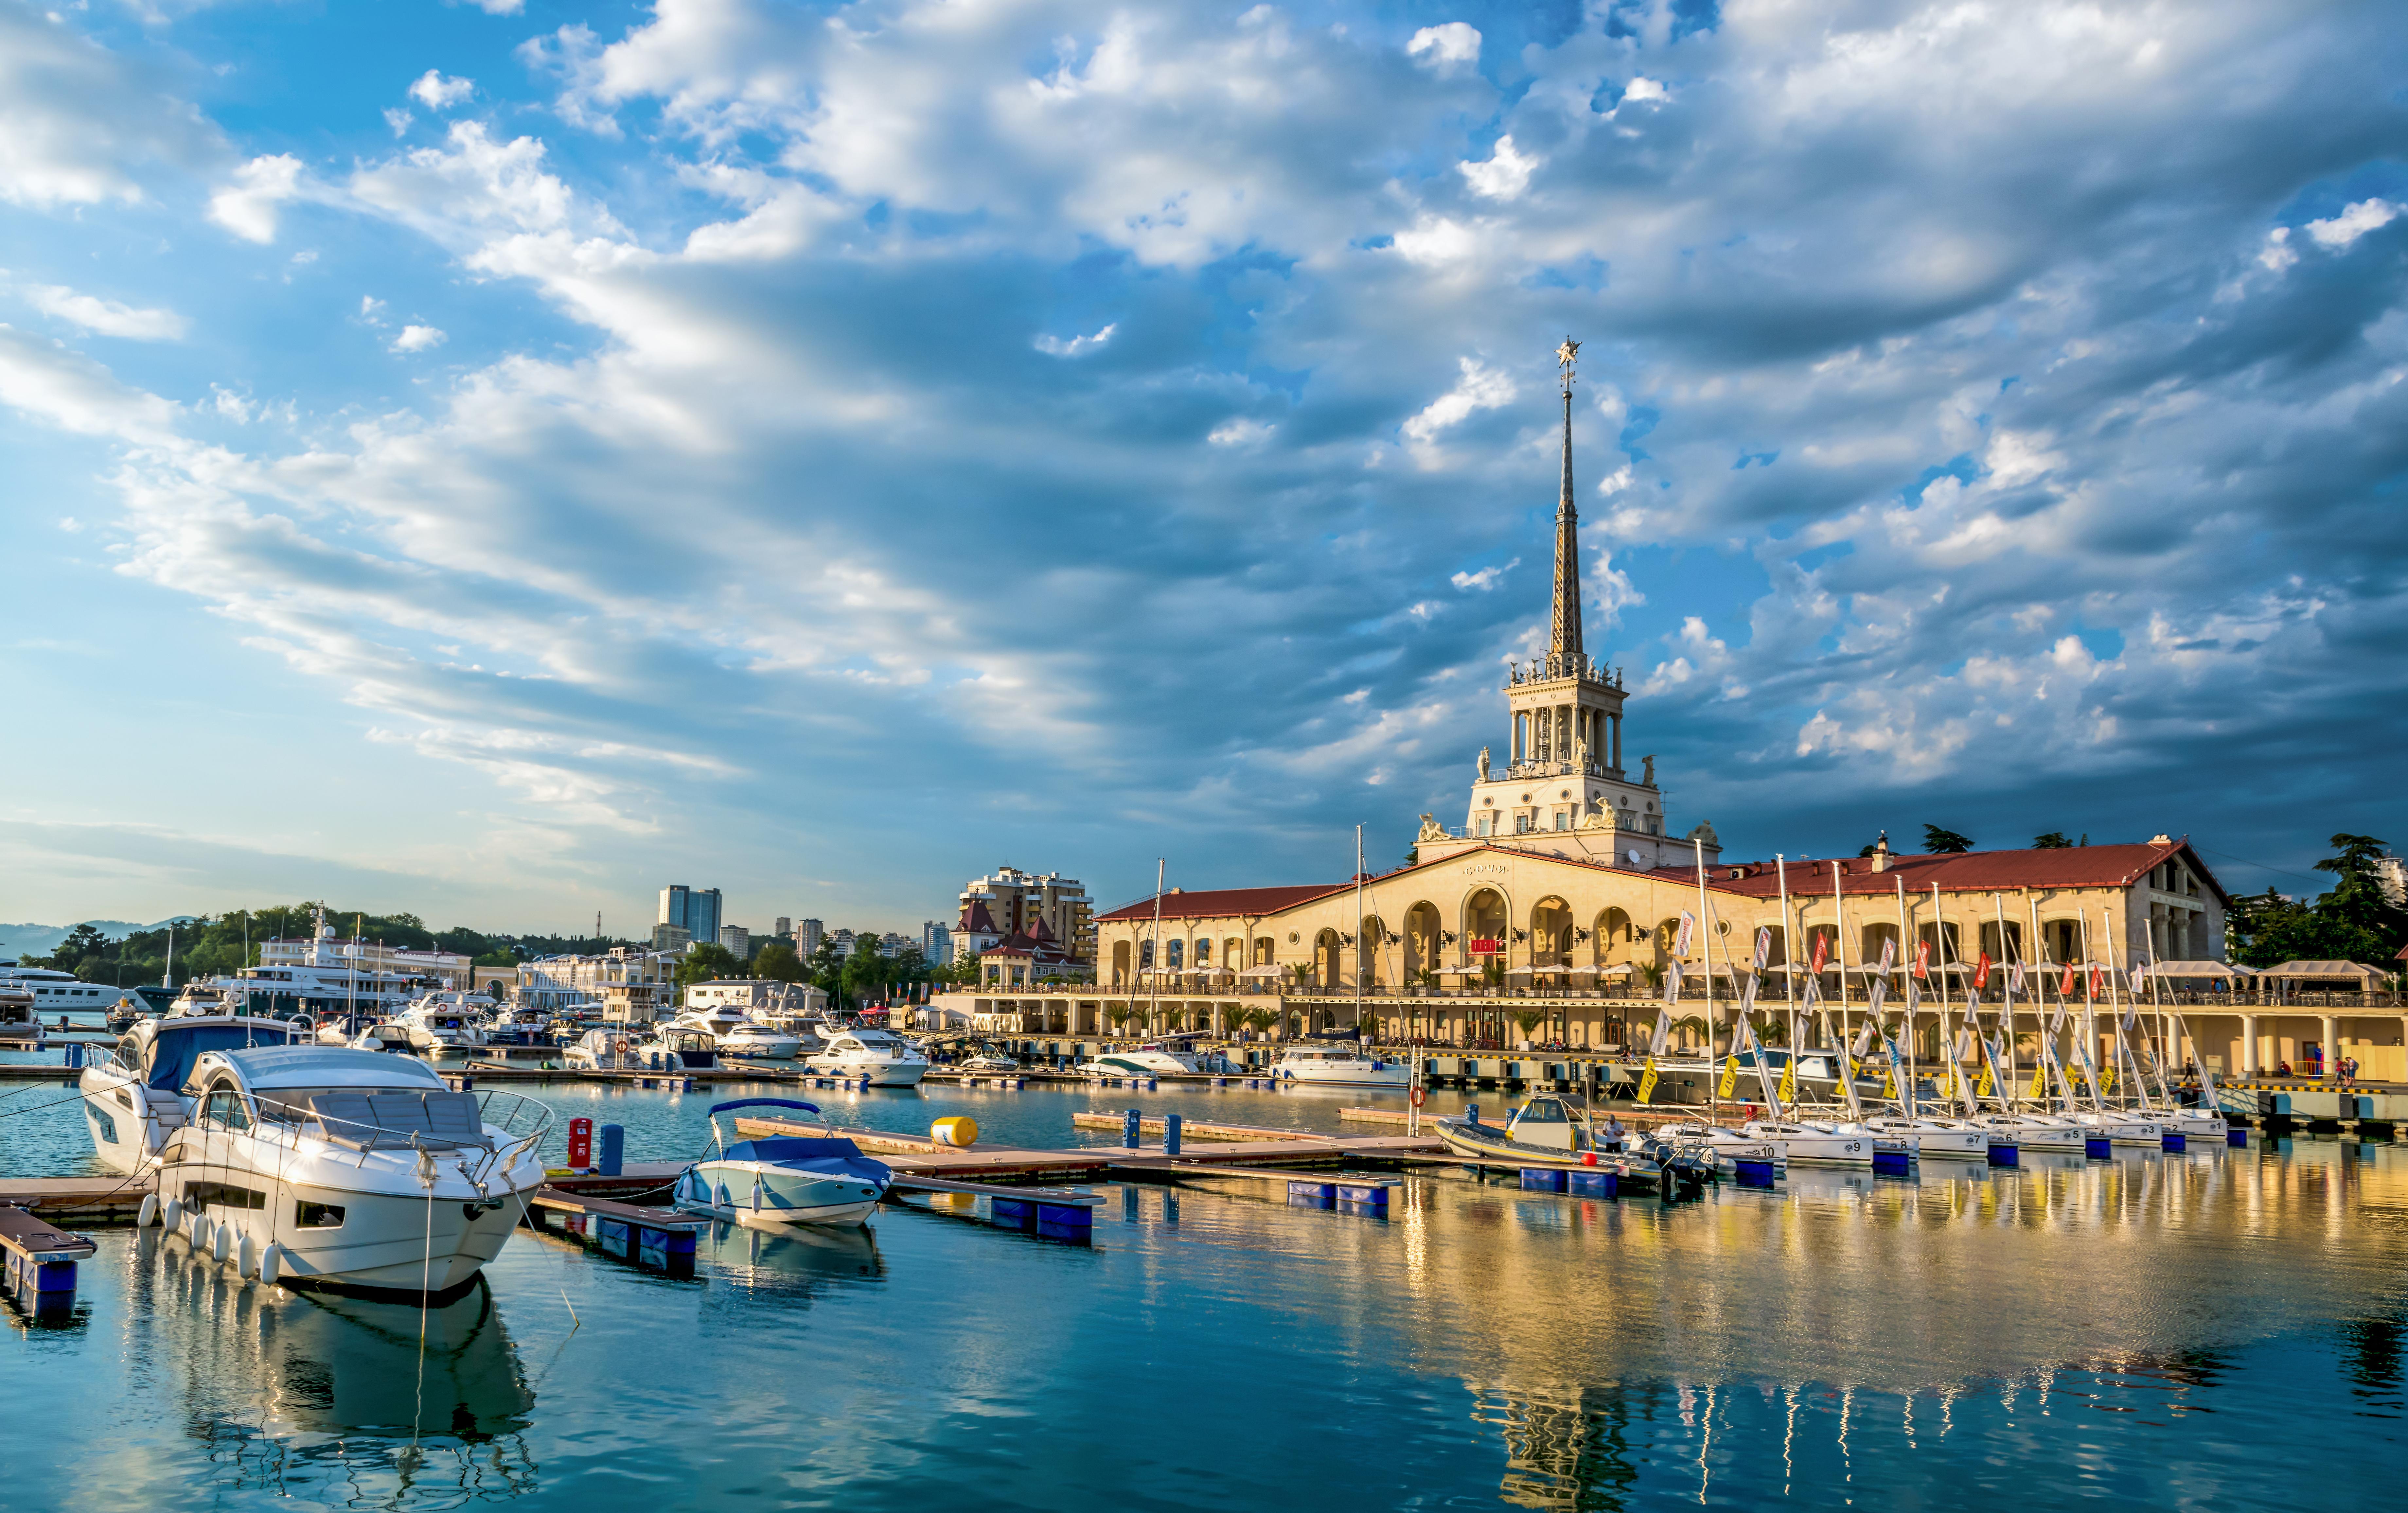 obtenir un visa business pour un voyage d'affaires a Sotchi en Russie